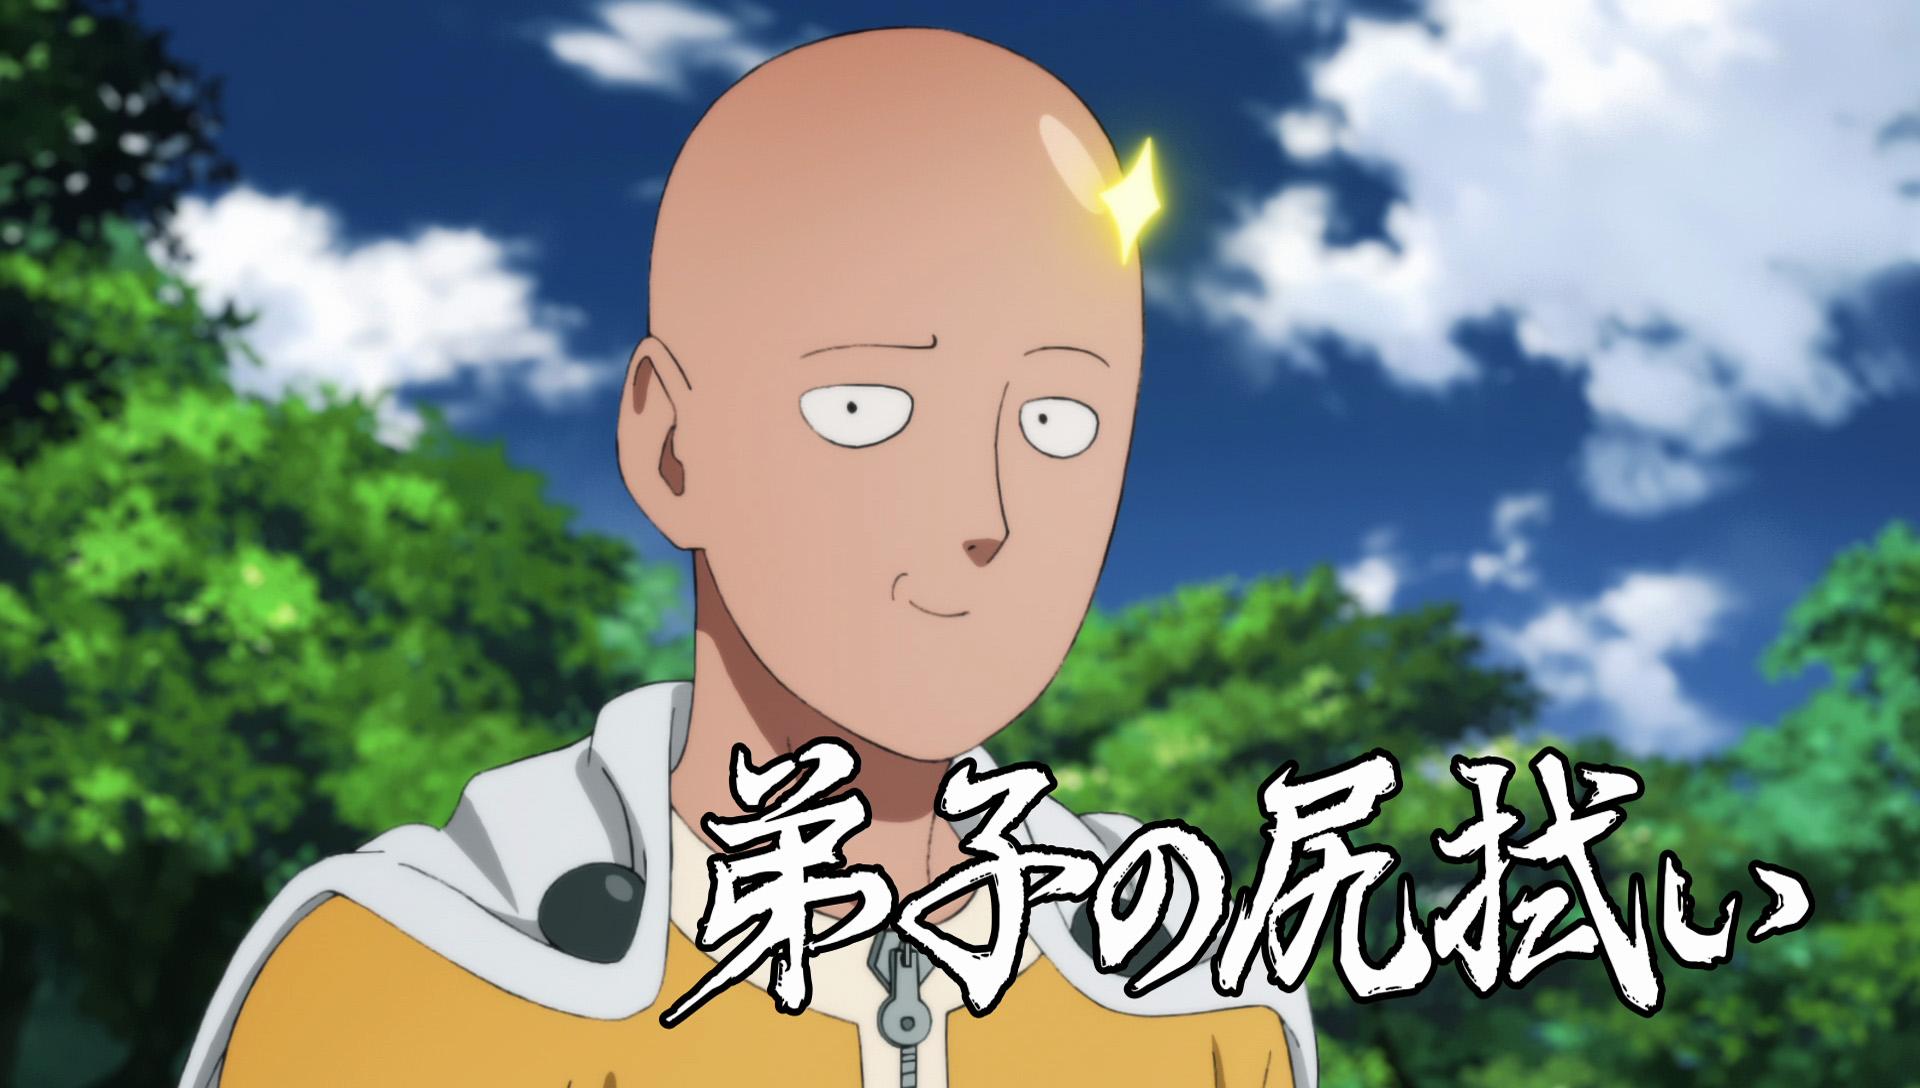 TVアニメ『ワンパンマン』第2期 #24 予告